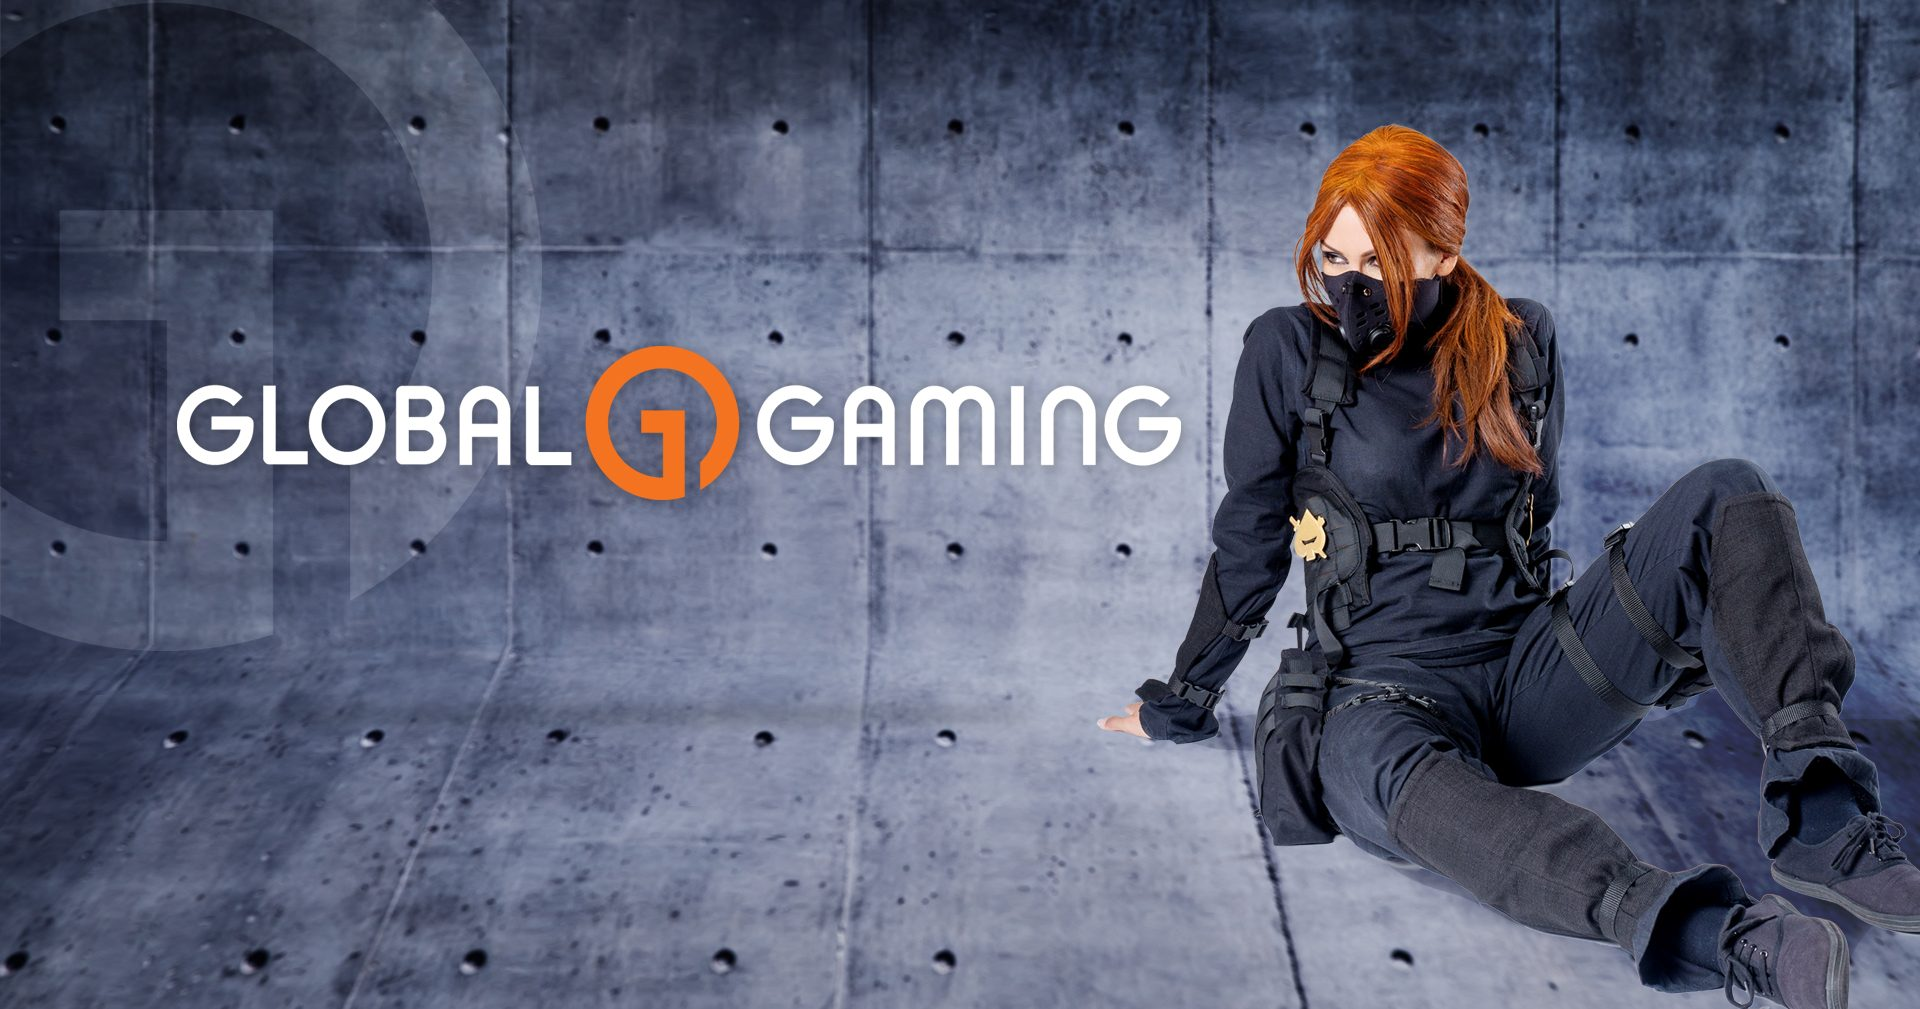 Global Gaming driver bland annat nätcasinot Ninja Casino. Du känner säkert igen Ninjan från all TV-reklam